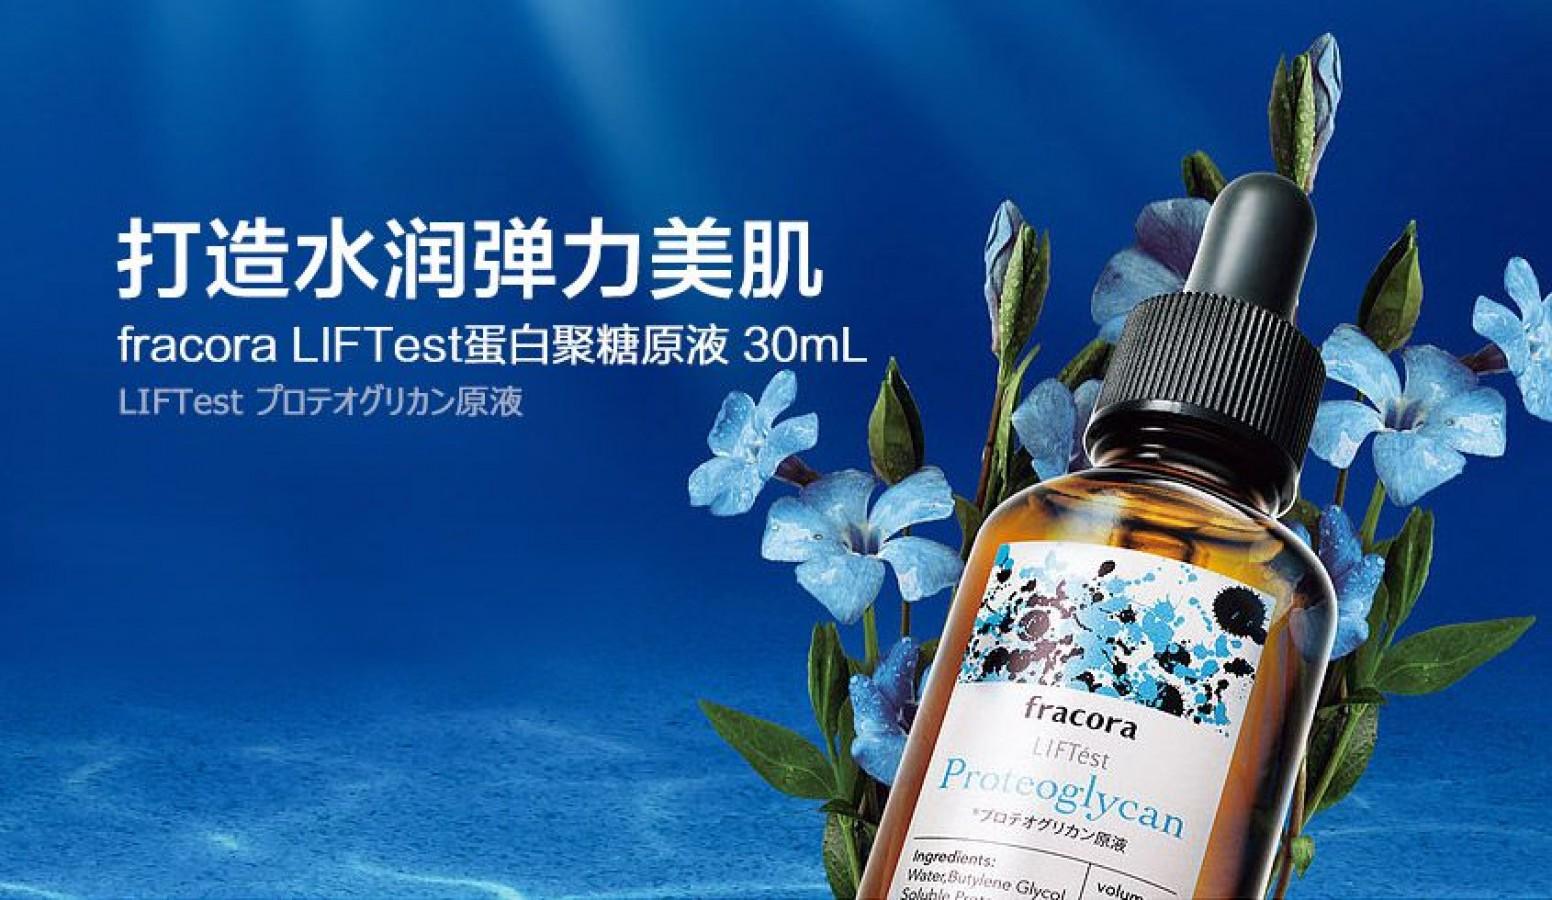 Serum Fracora Liftest Proteoglycan Của Nhật Tái Tạo Da, Ngừa Chảy Xệ